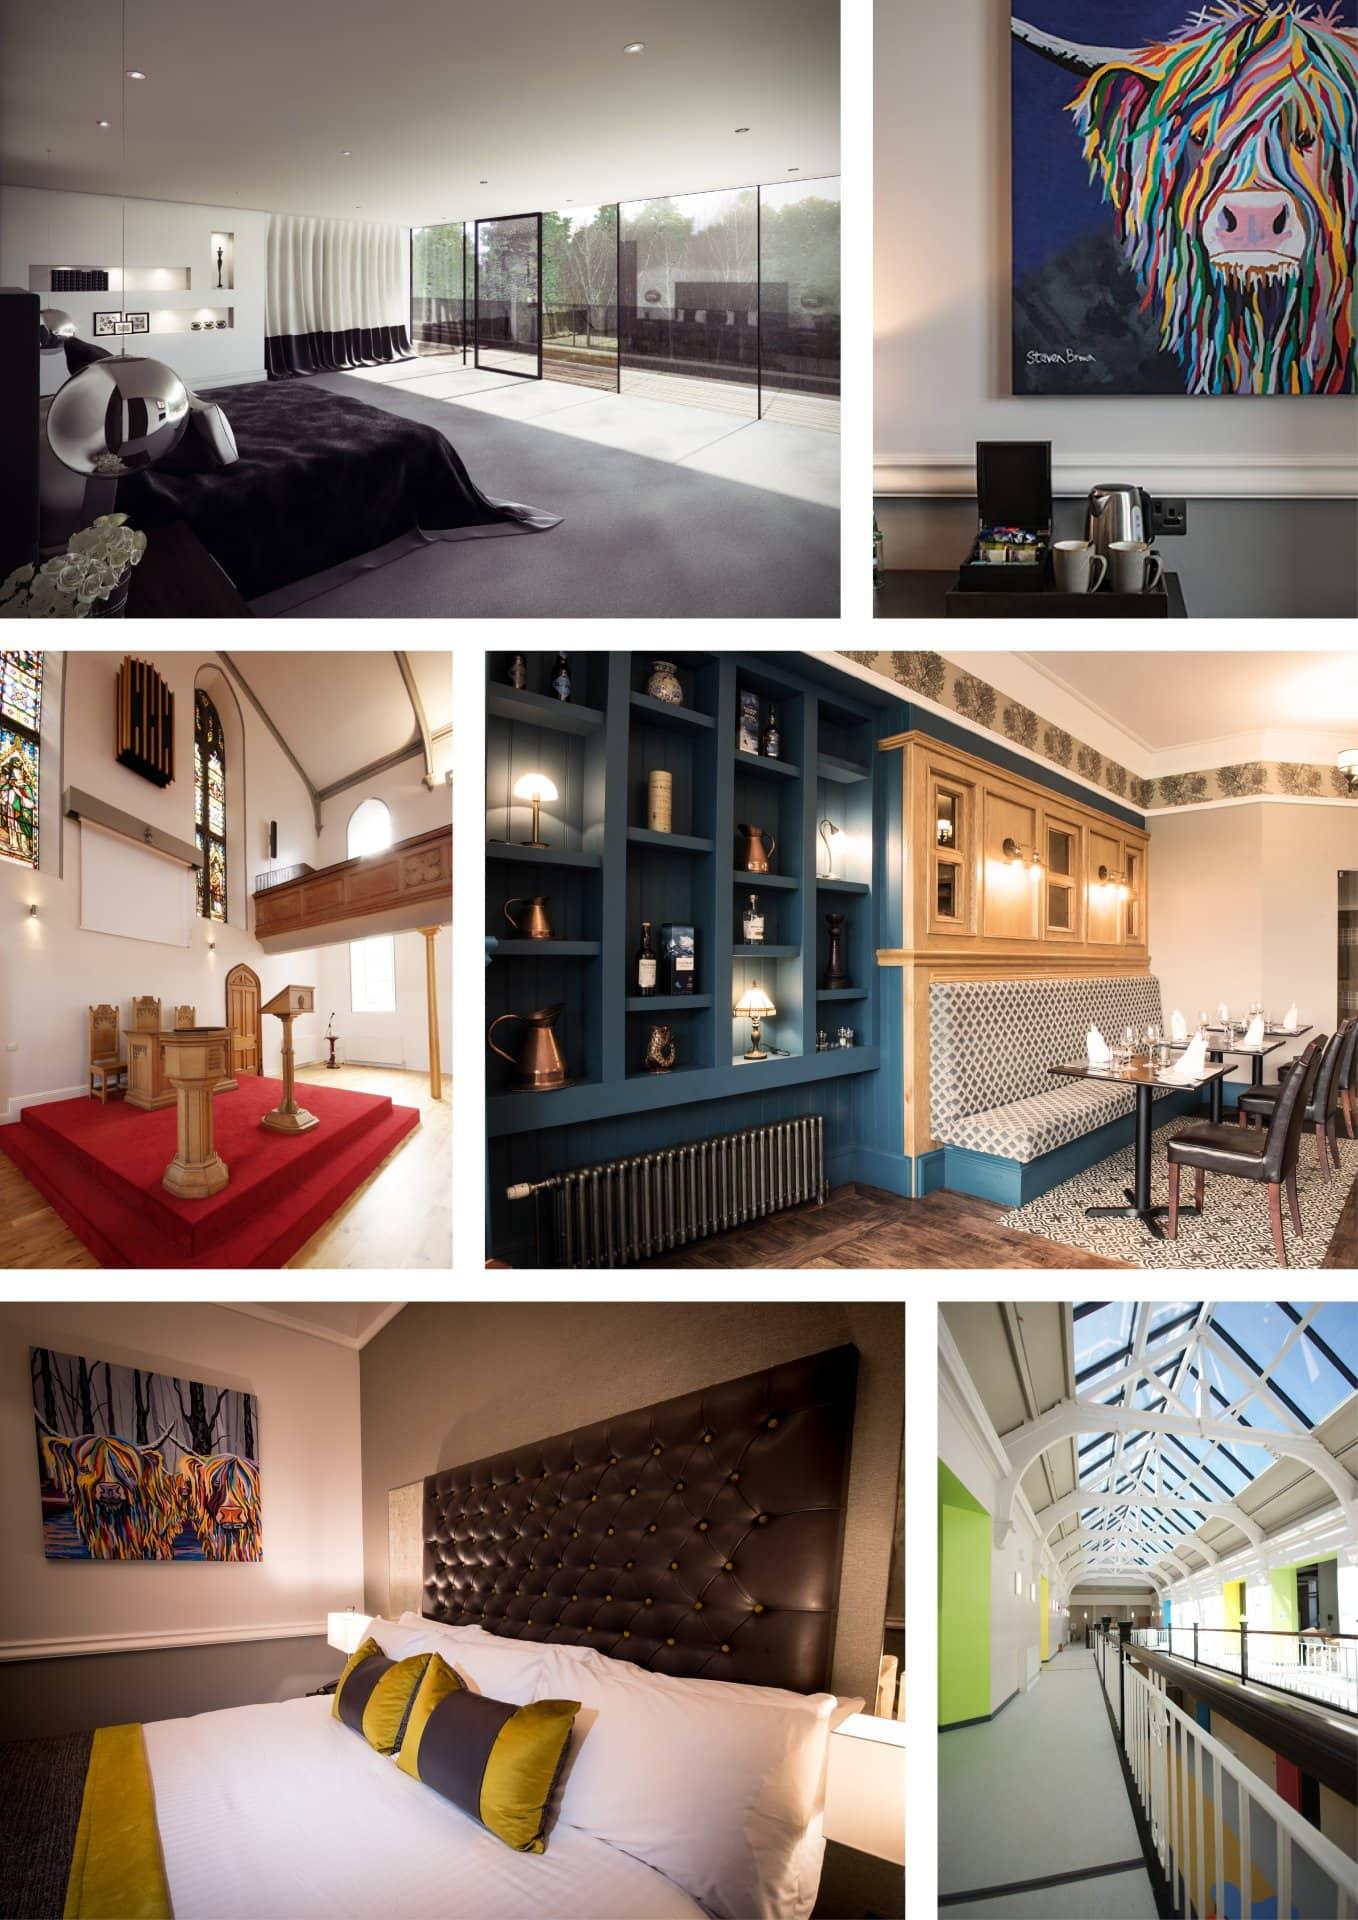 CRGP Interior Design